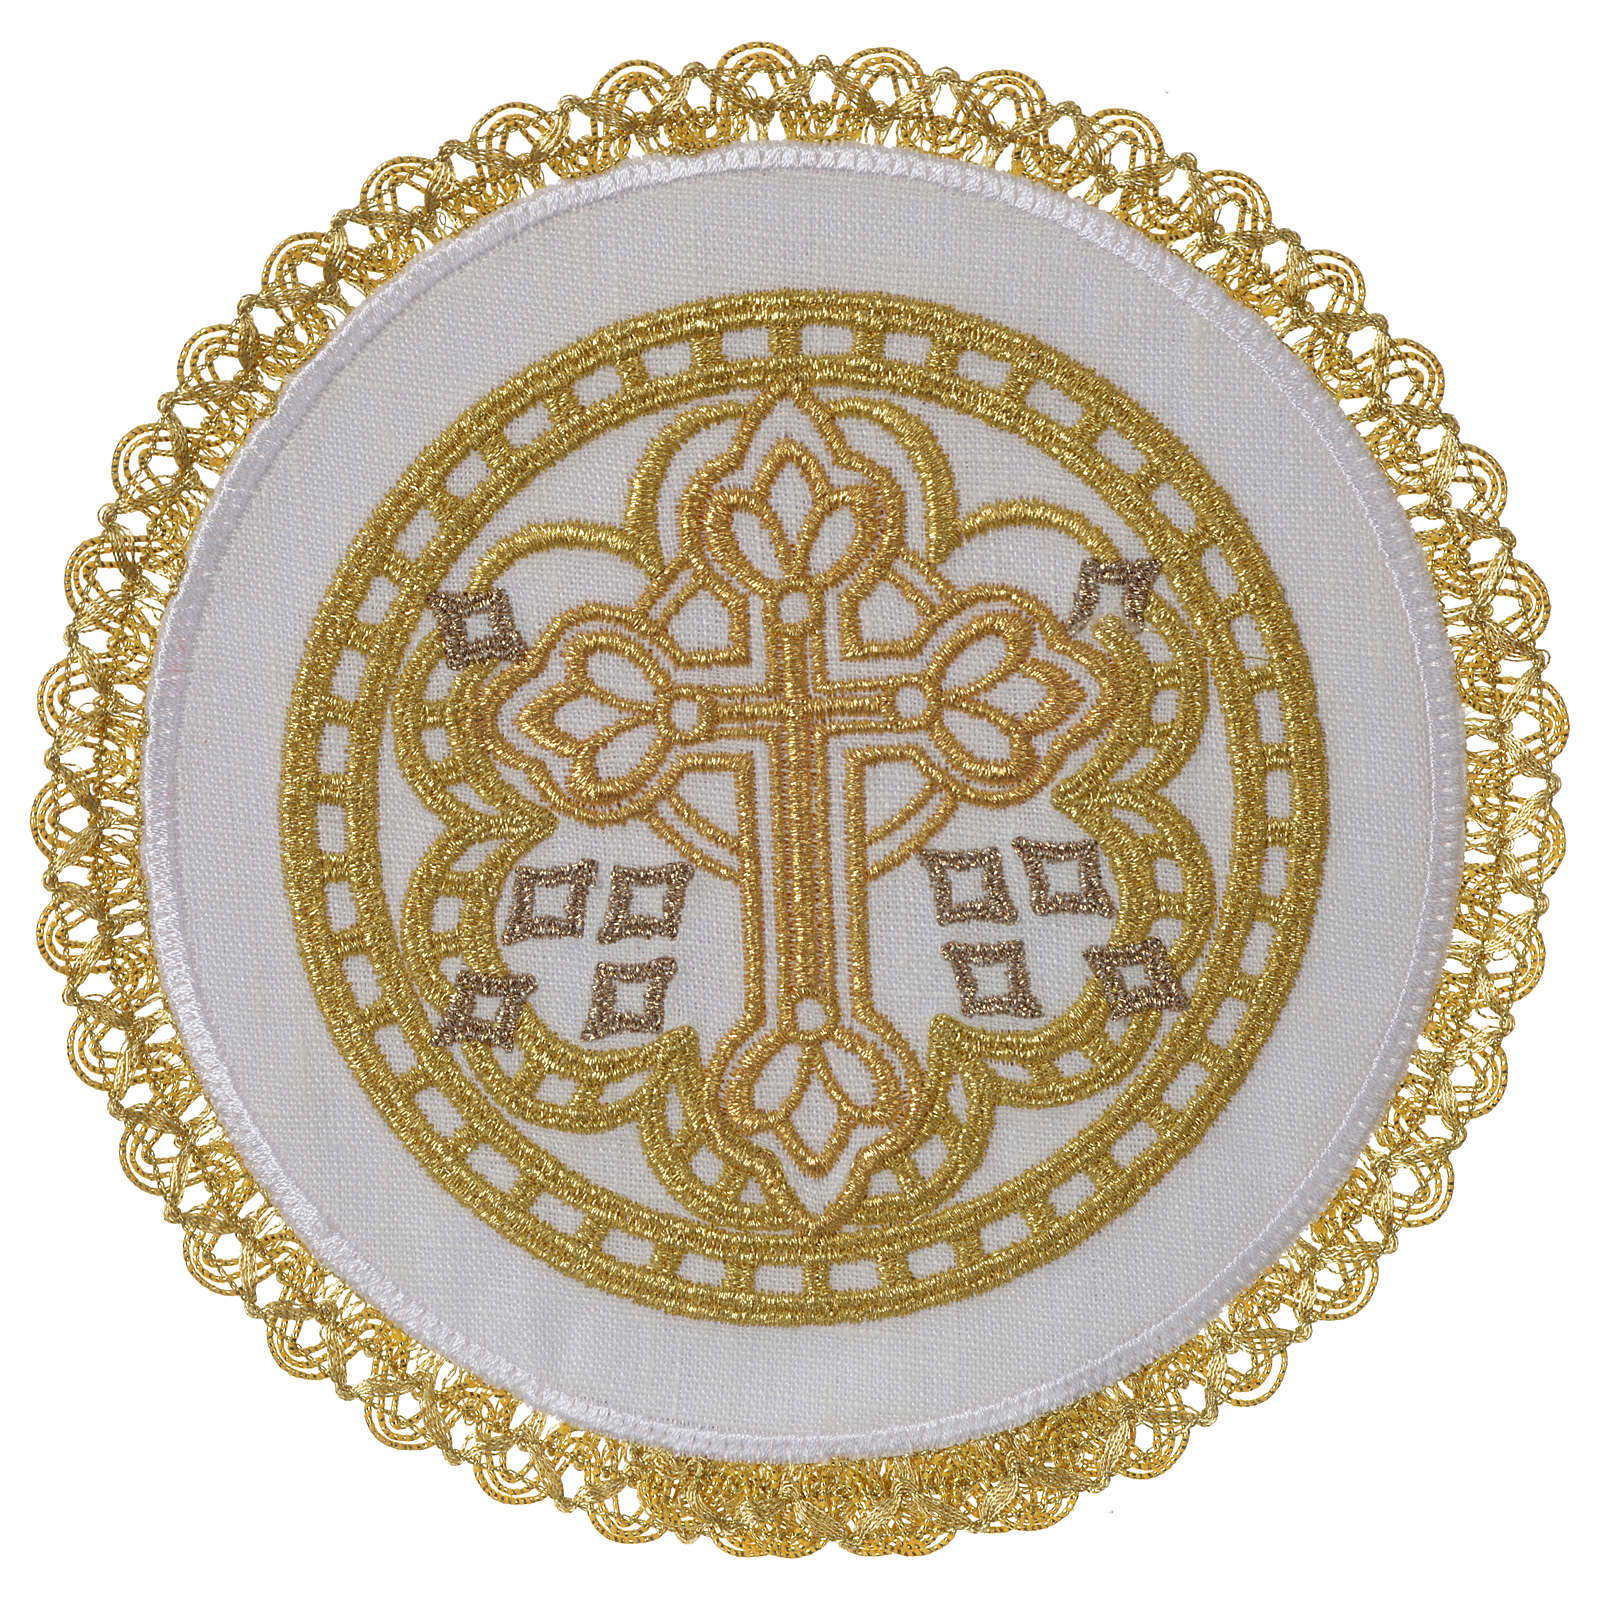 Servizio da altare 100% lino palla tonda croce 4